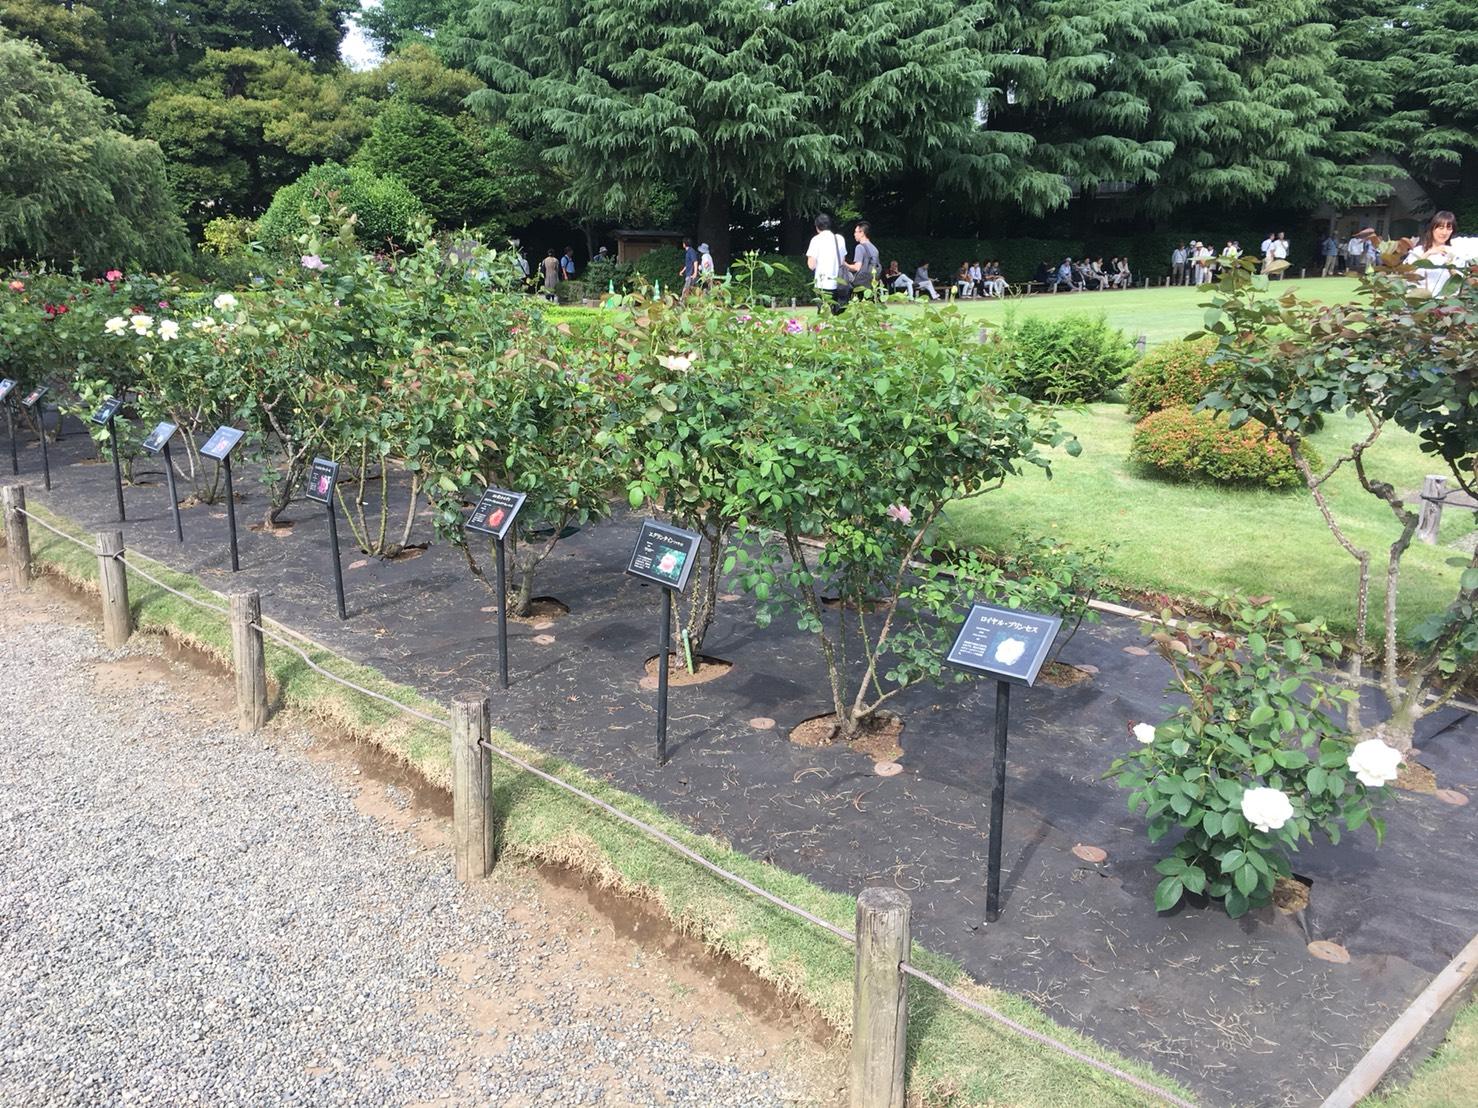 【上中里駅】バラが咲き誇る日英が混ざる庭園「旧古河庭園」のバラ園1